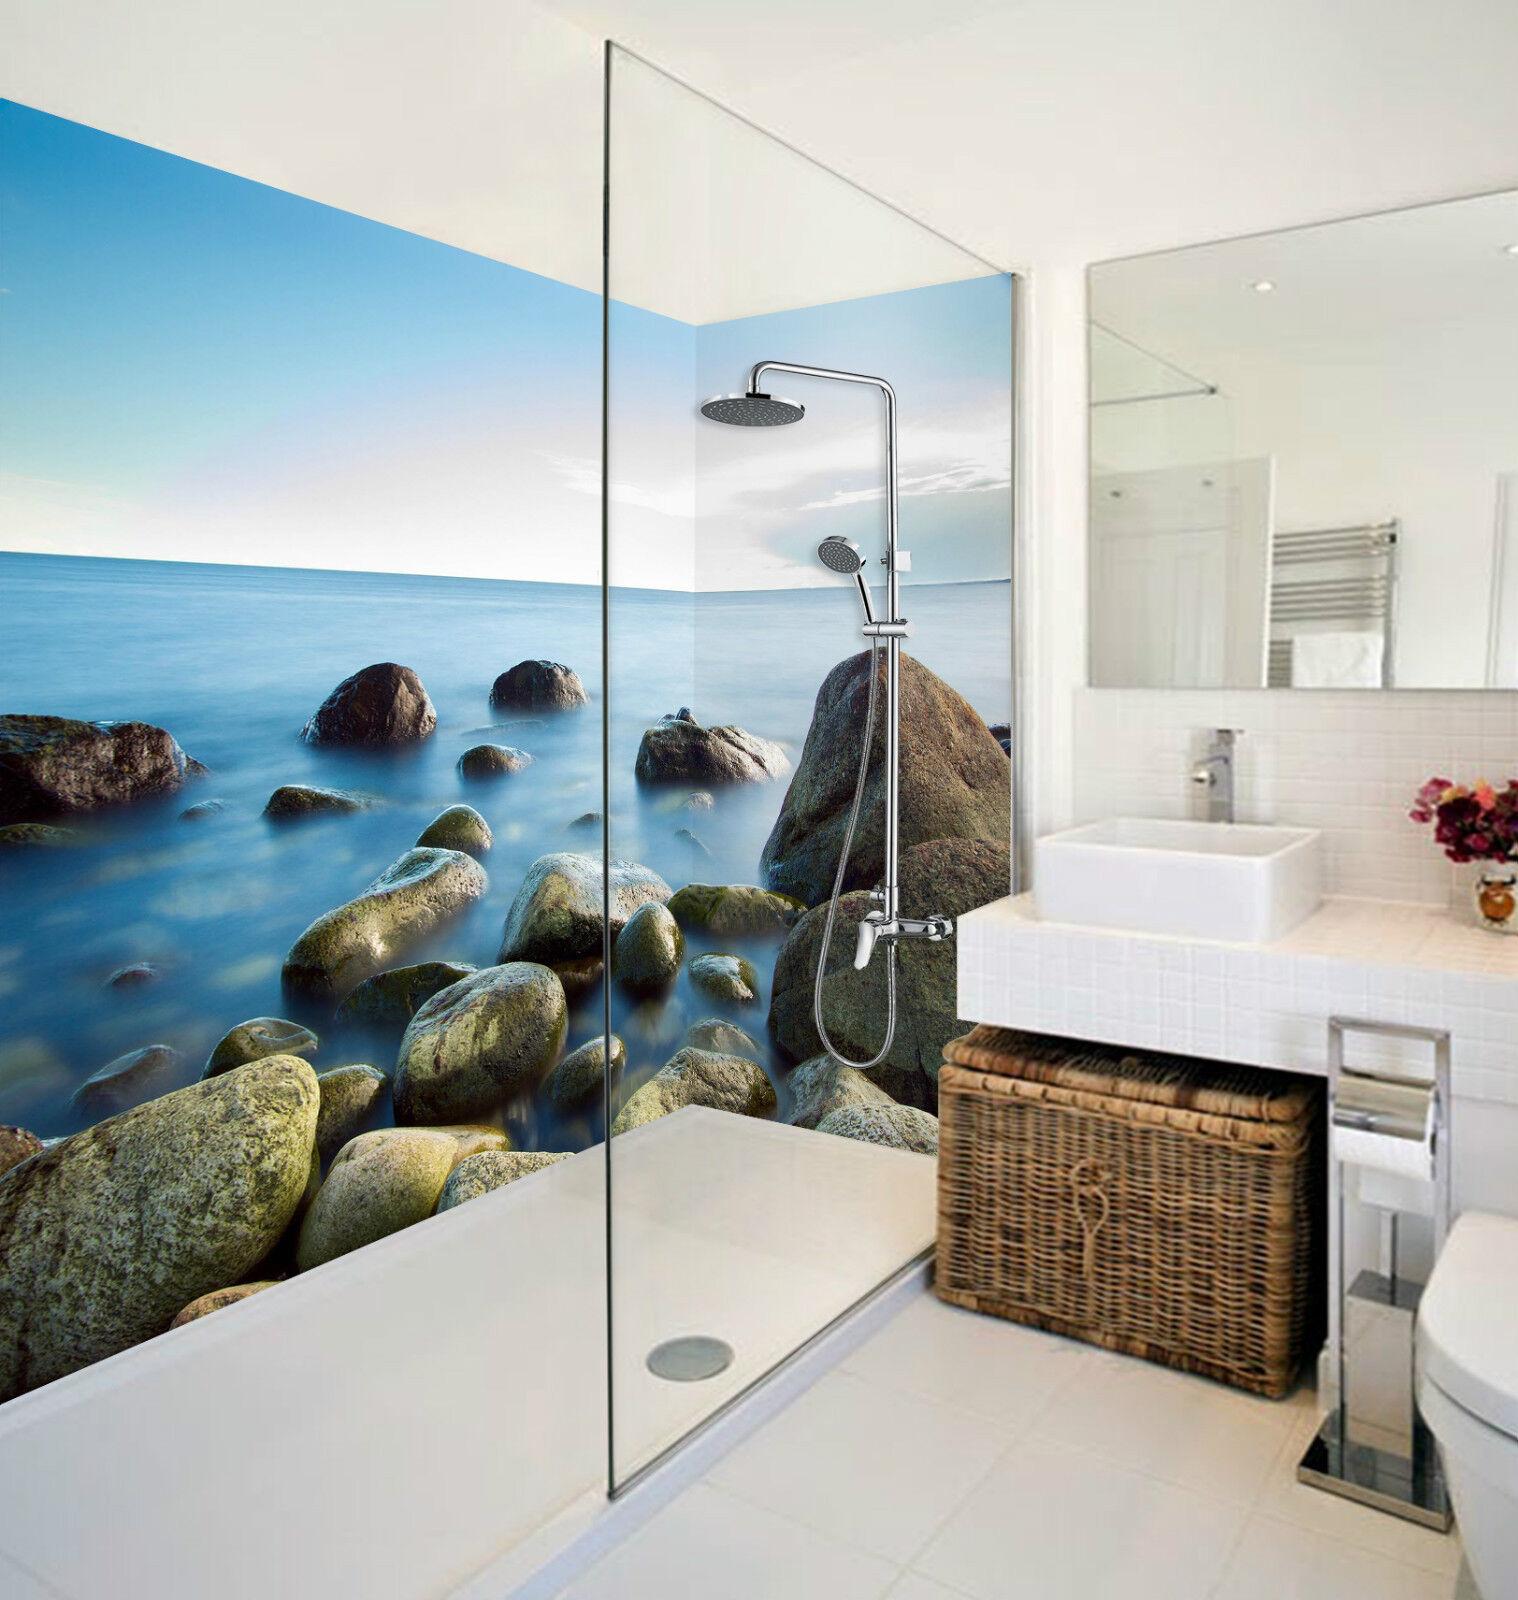 3D Vast Sea Stones 074 WallPaper Bathroom Print Decal Wall Deco AJ WALLPAPER CA